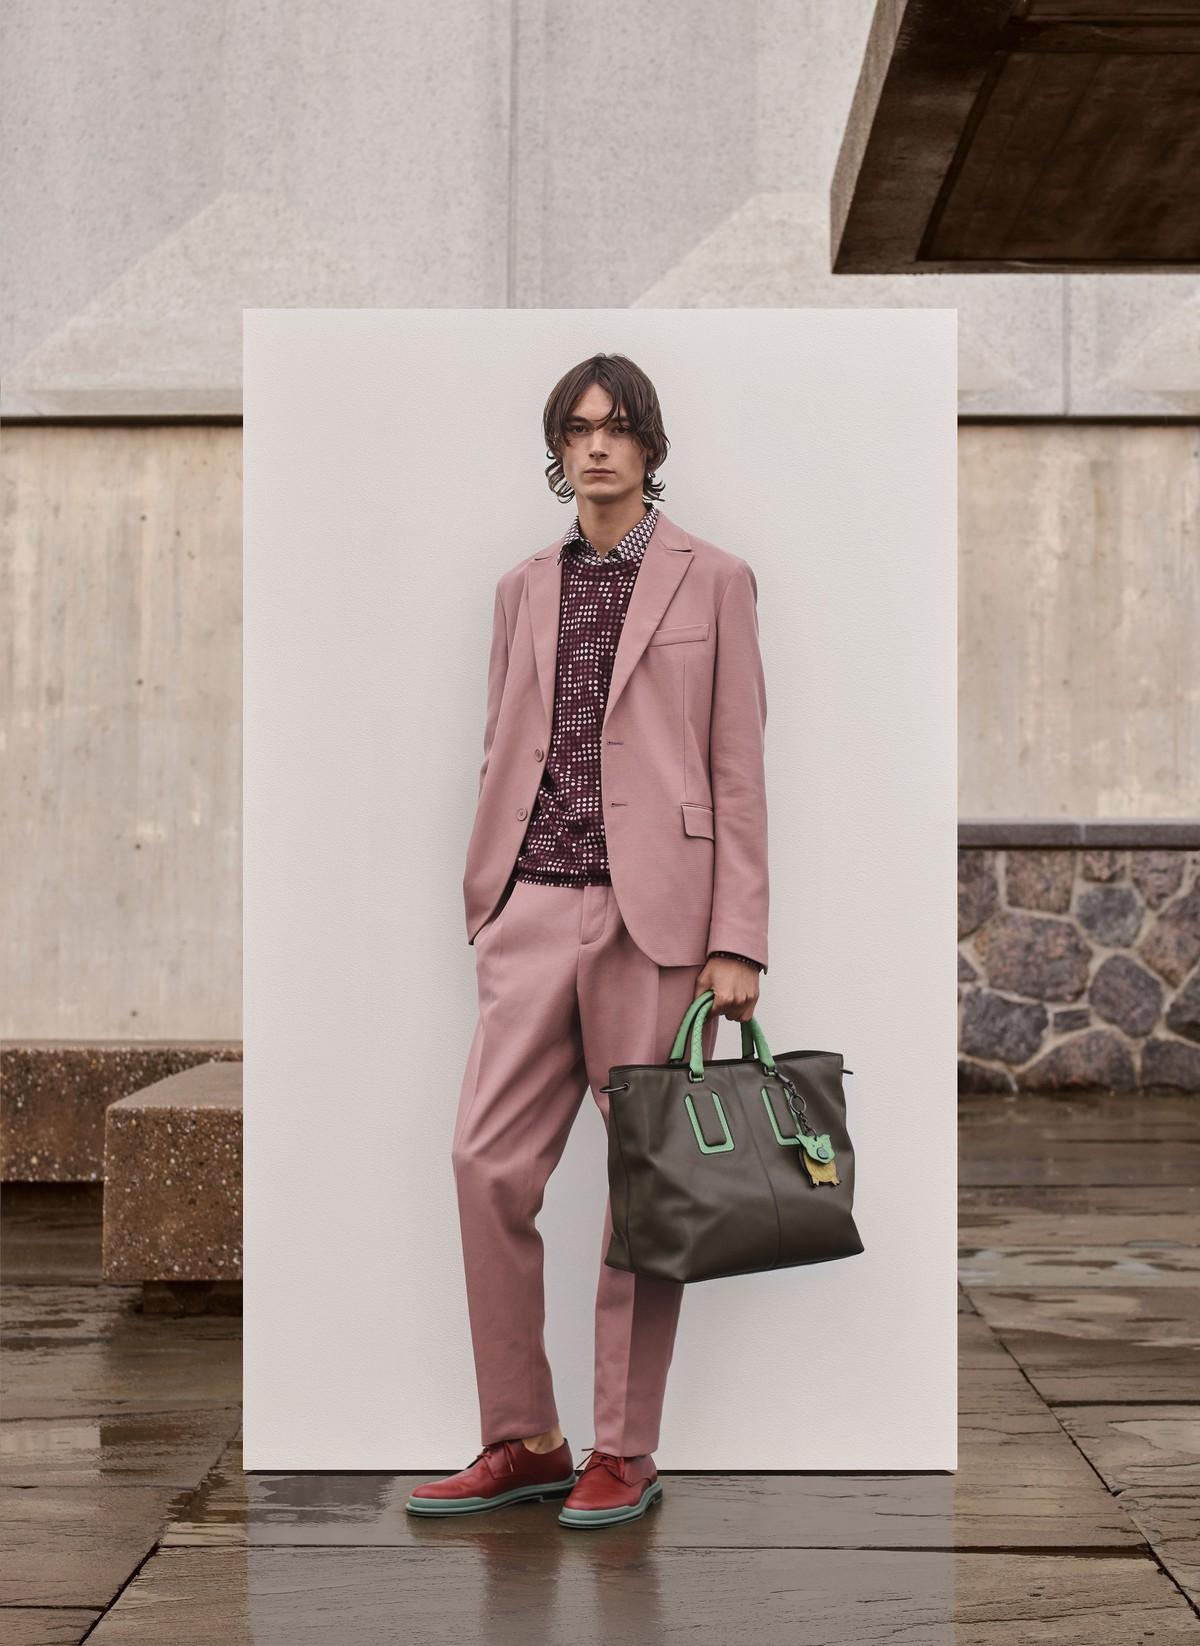 16053f6dd05e View Gallery (24 images). Bottega Veneta presenta la nuova collezione  maschile per ...